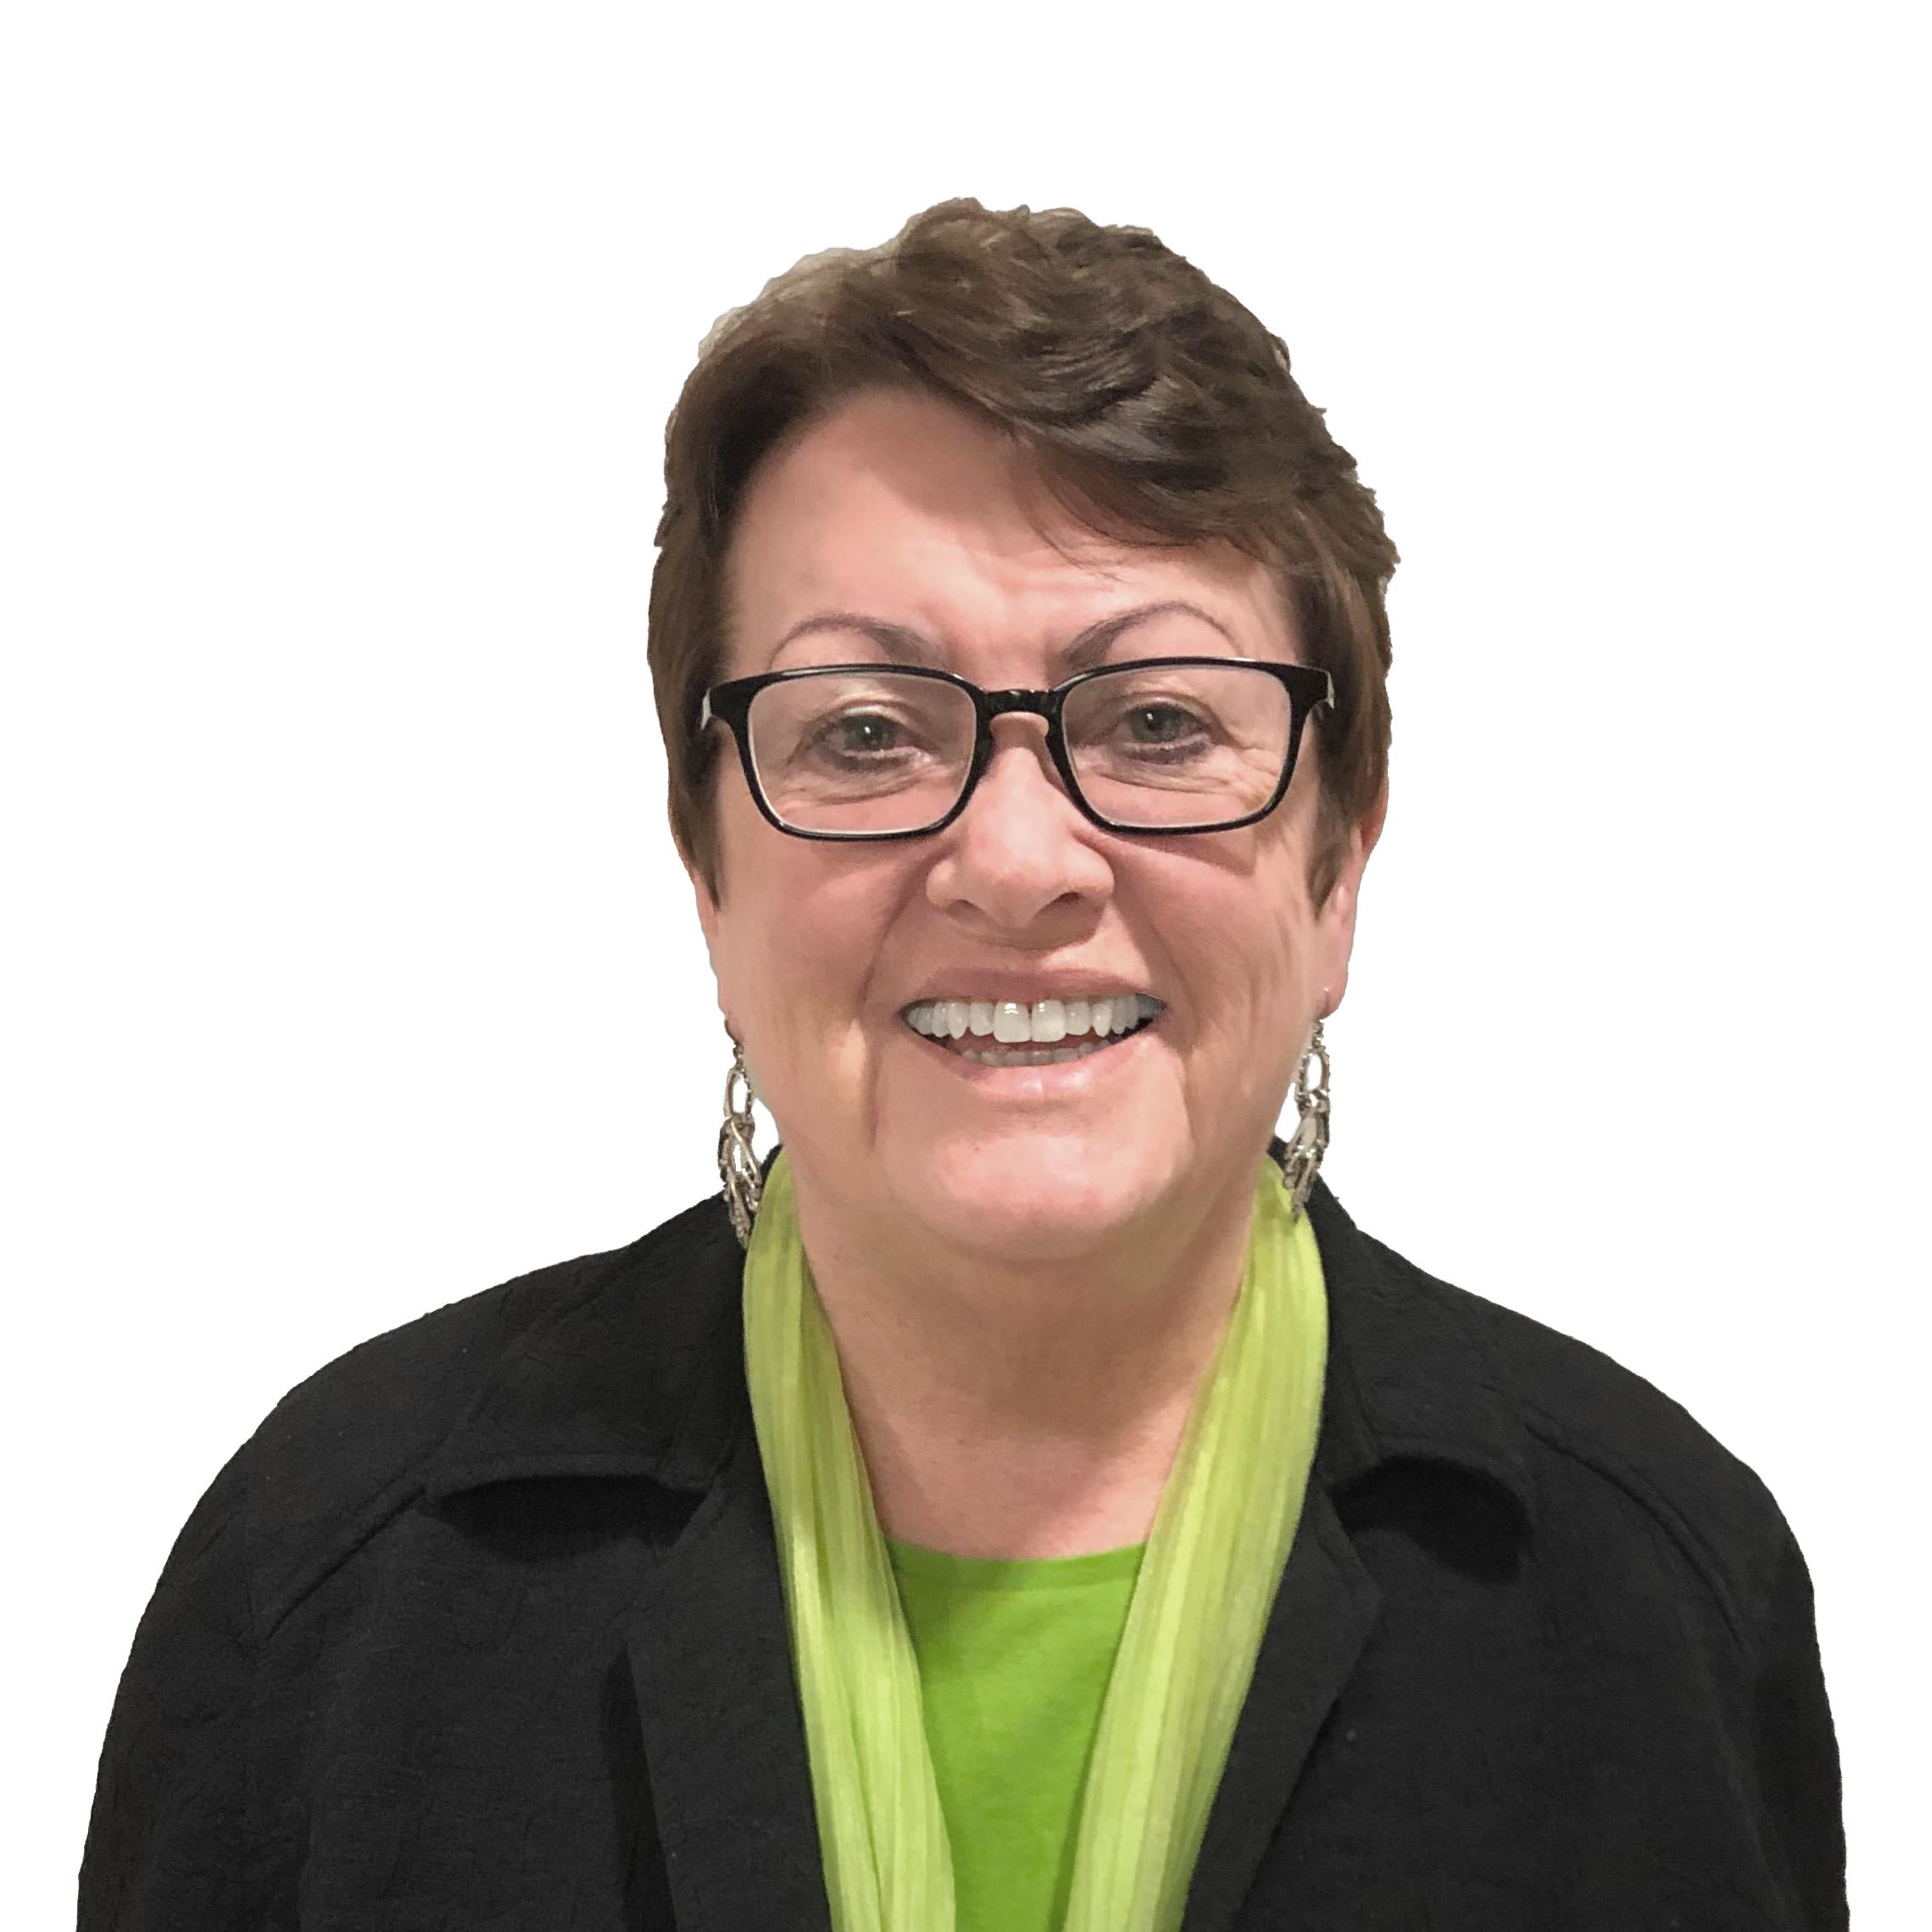 Kathy Donohue